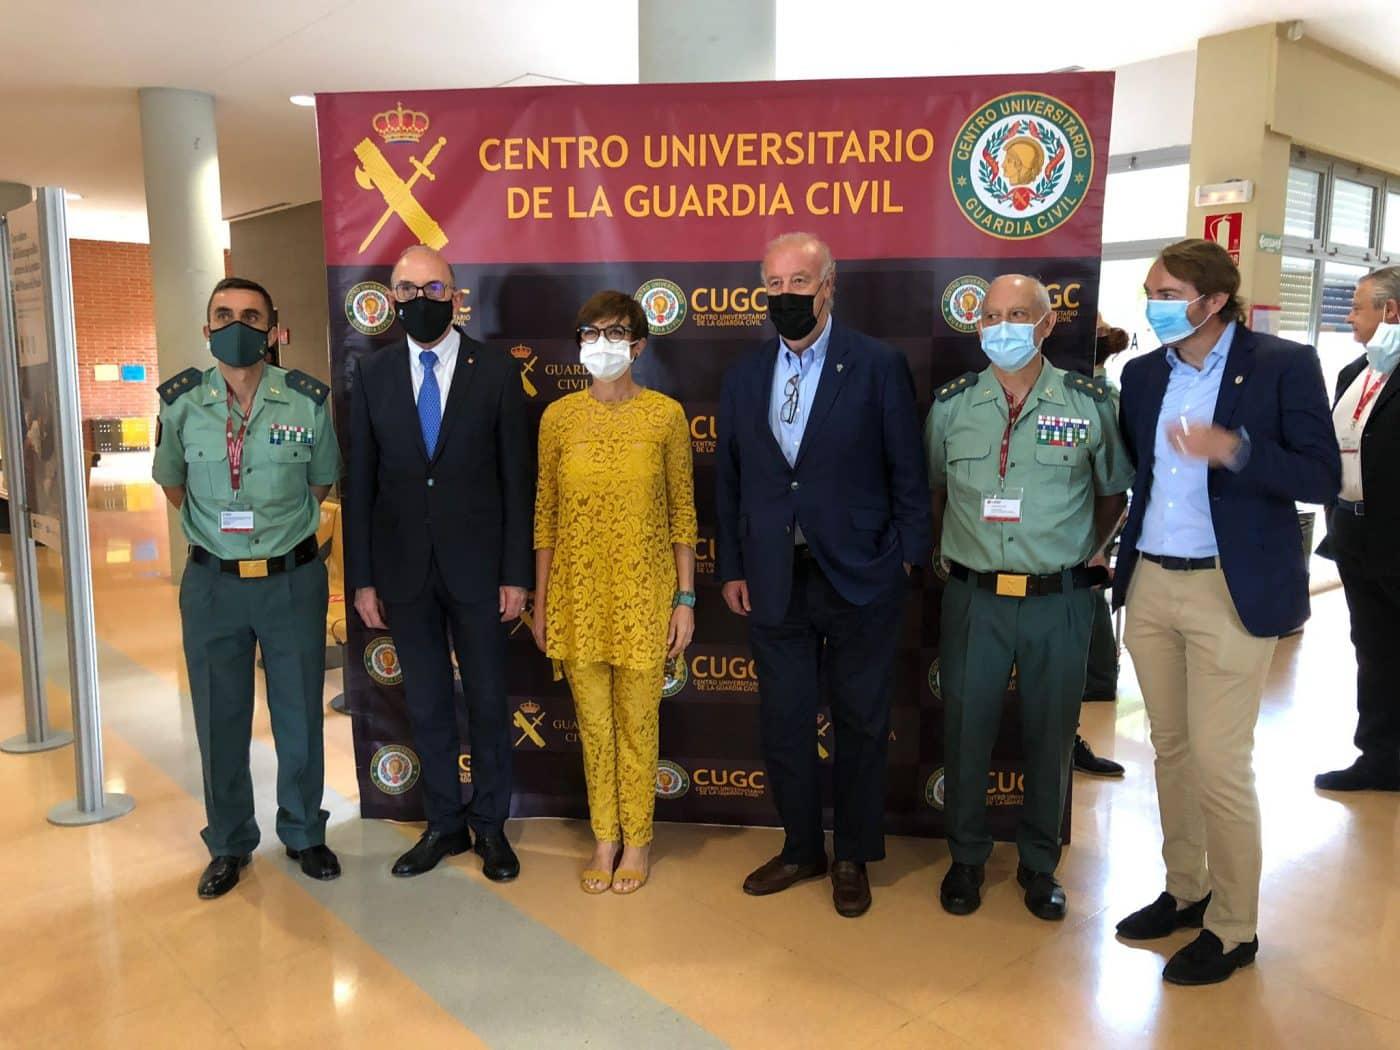 El Curso de Verano Inteligencia y Seguridad de la Guardia Civil aporta 4.058 euros al Banco de Alimentos de La Rioja 4